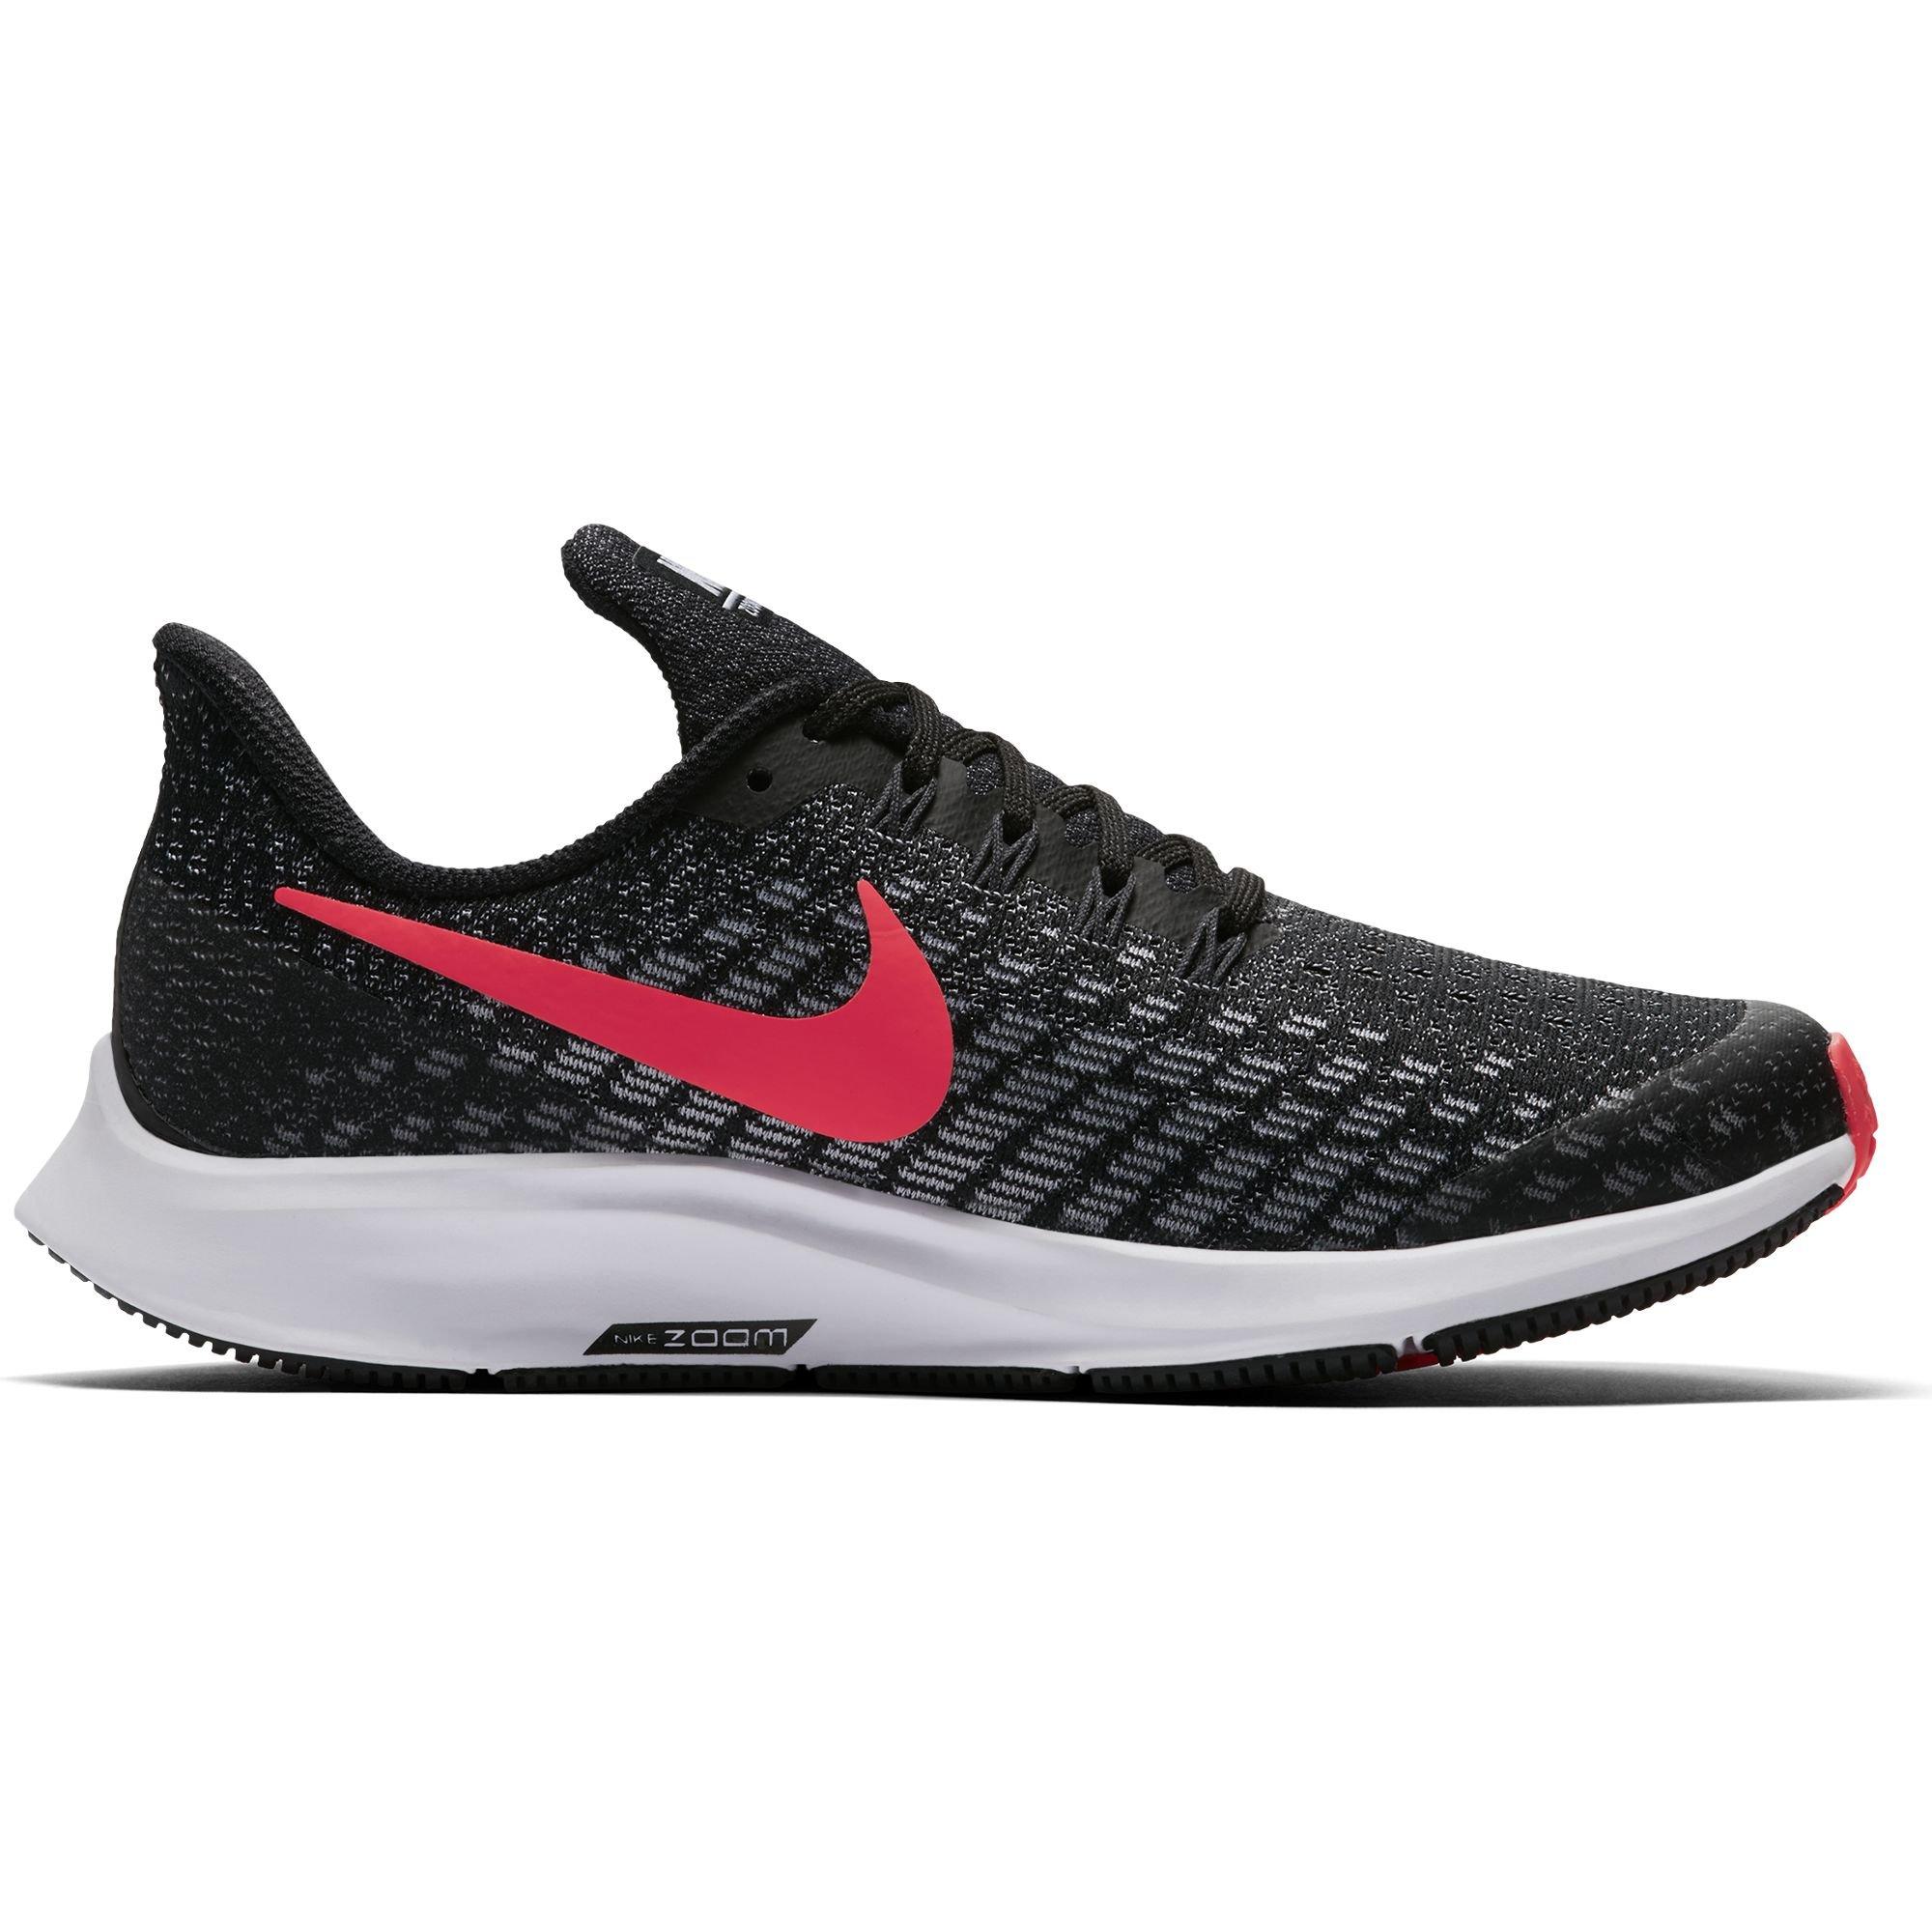 Nike Girl's Air Zoom Pegasus 35 Running Shoe Black/Racer Pink/White/Anthracite Size 2 M US